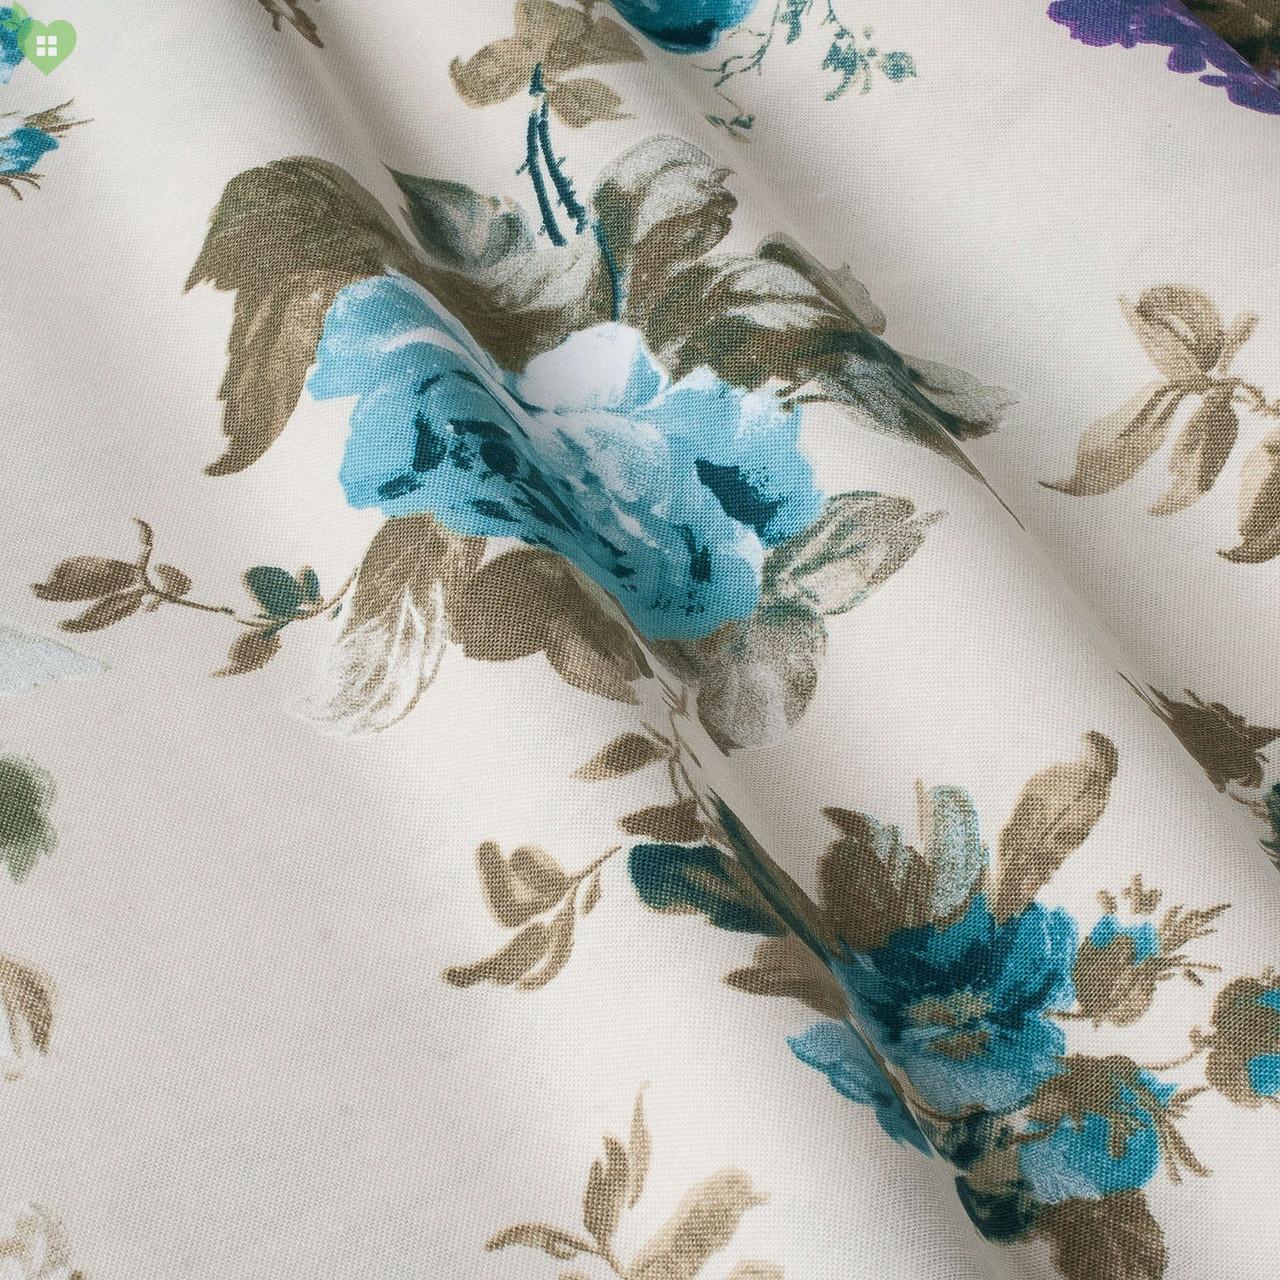 Декоративная ткань с крупными голубыми и синими цветками на зеленых веточках с тефлоном Турция 83563v16